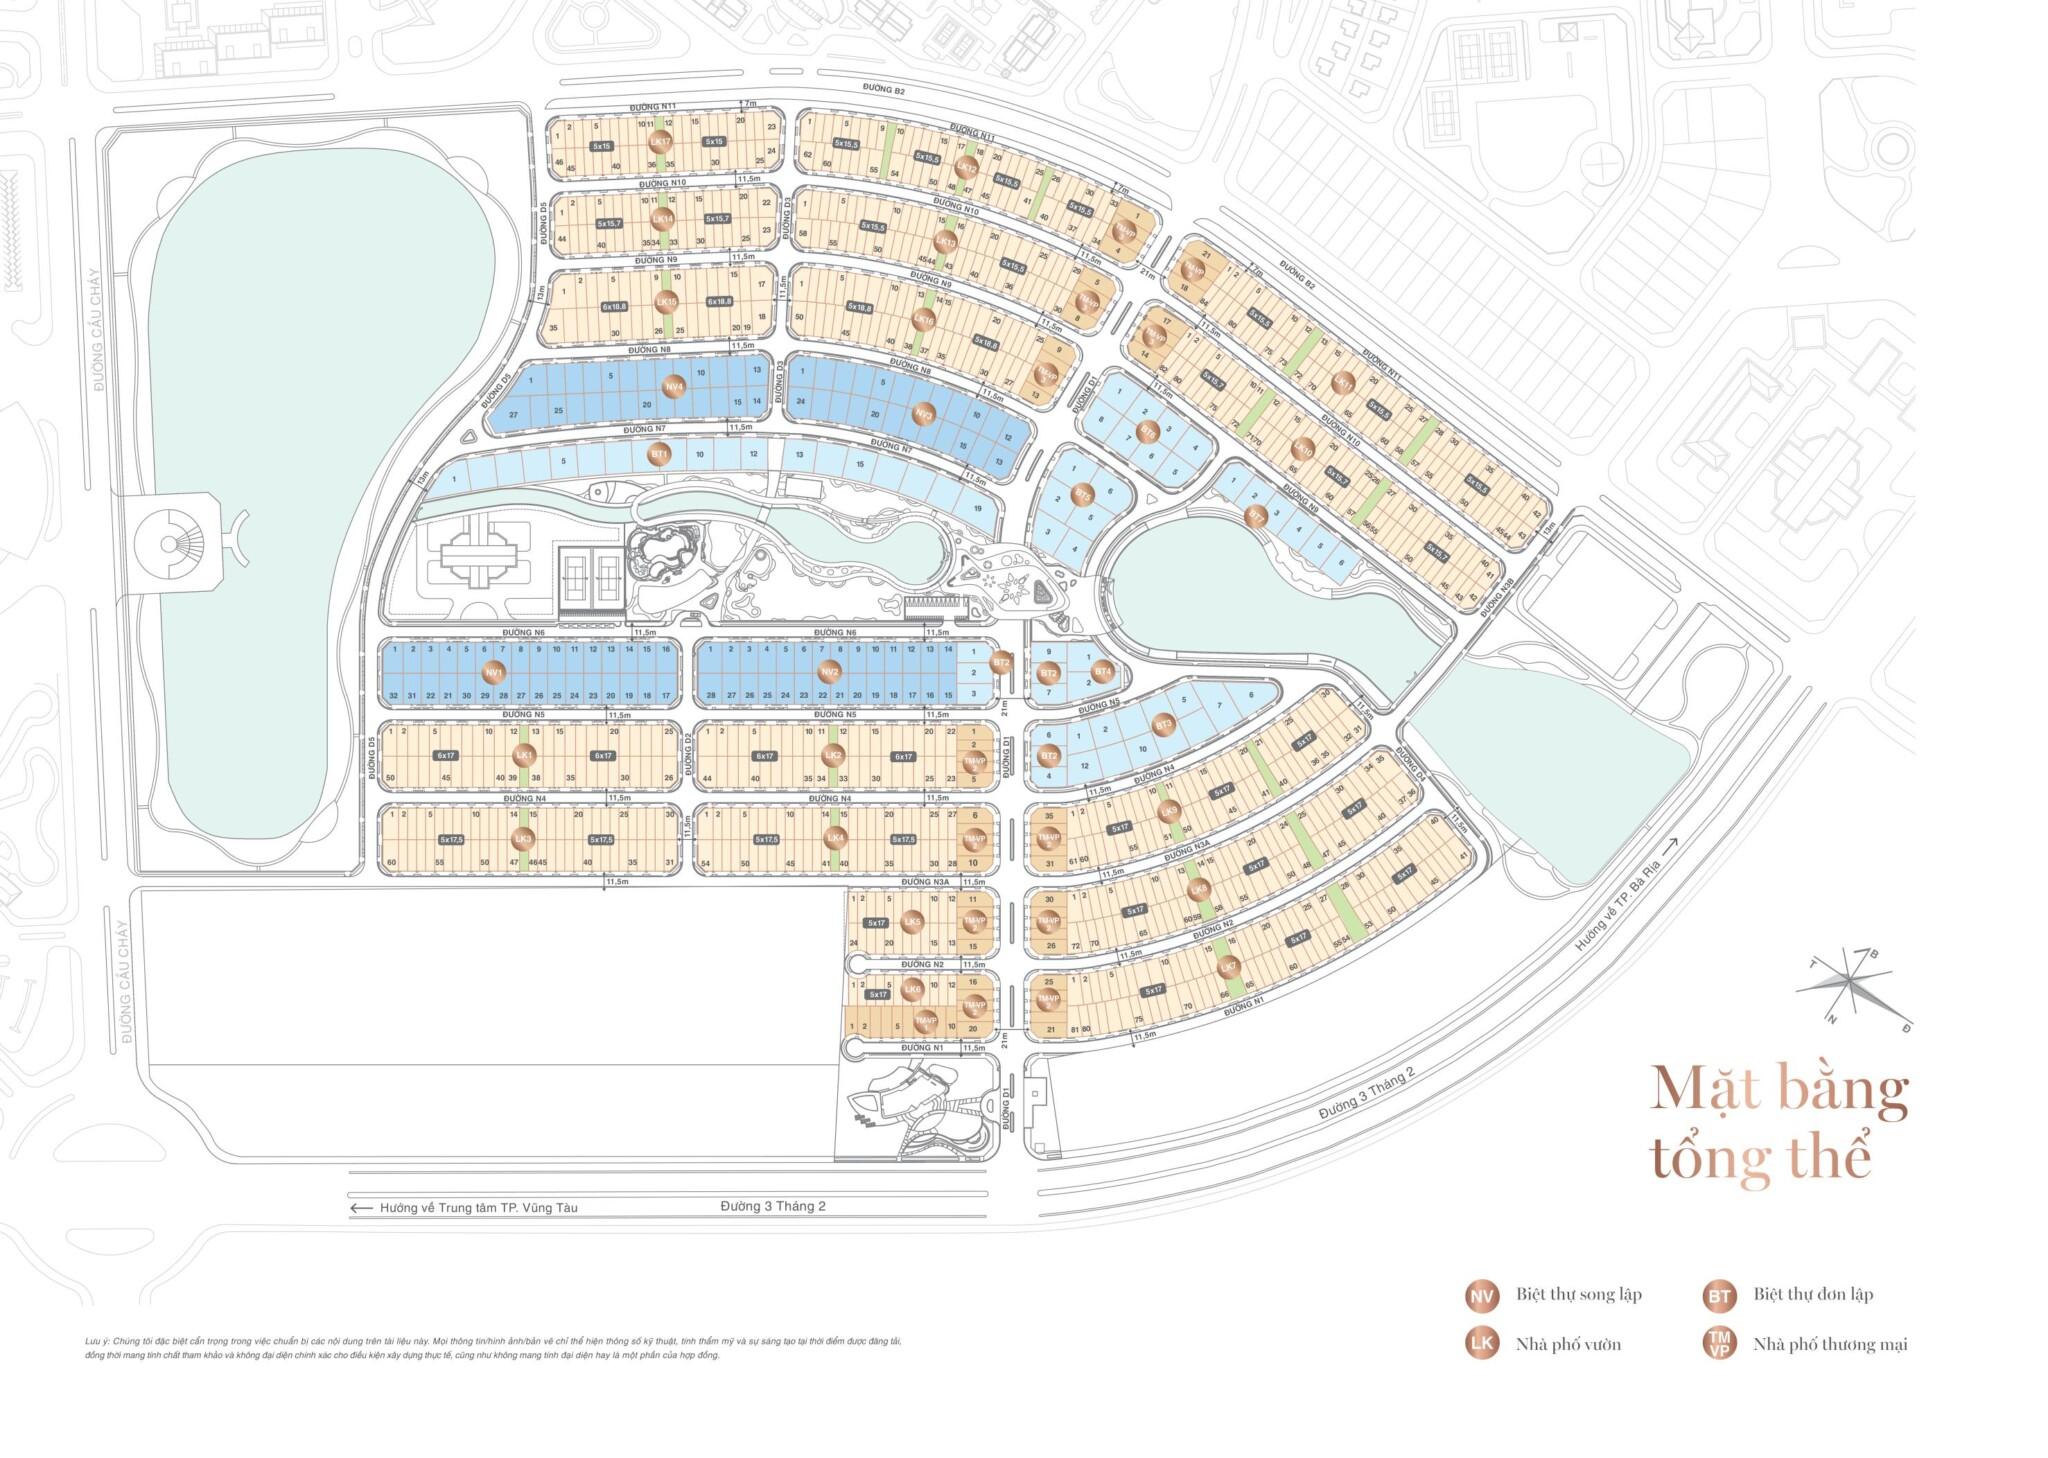 Mua bán chuyển nhượng Lavida Residences Vũng Tàu 2021 4